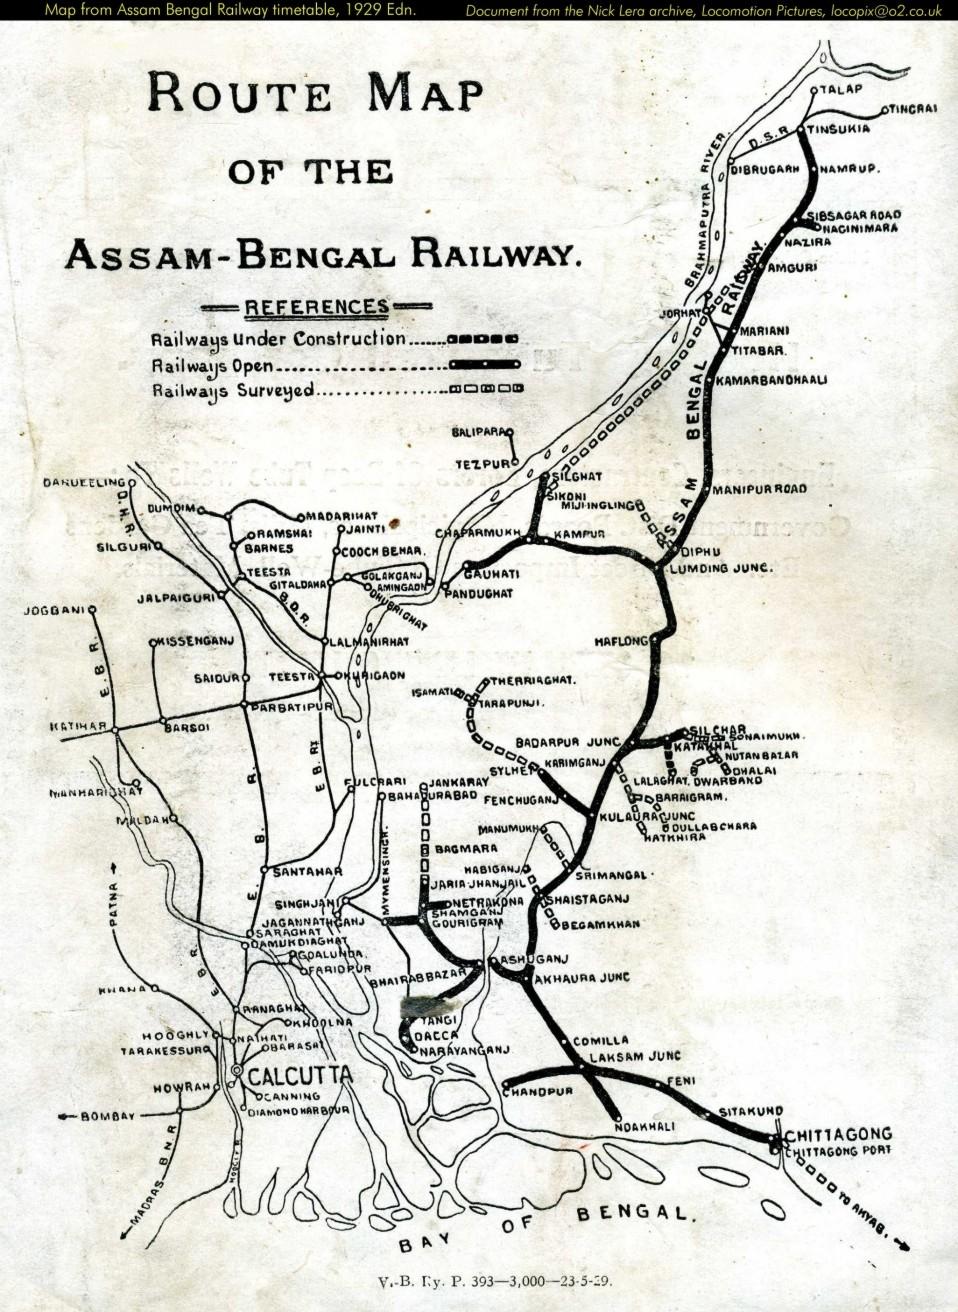 ABR-1929 map